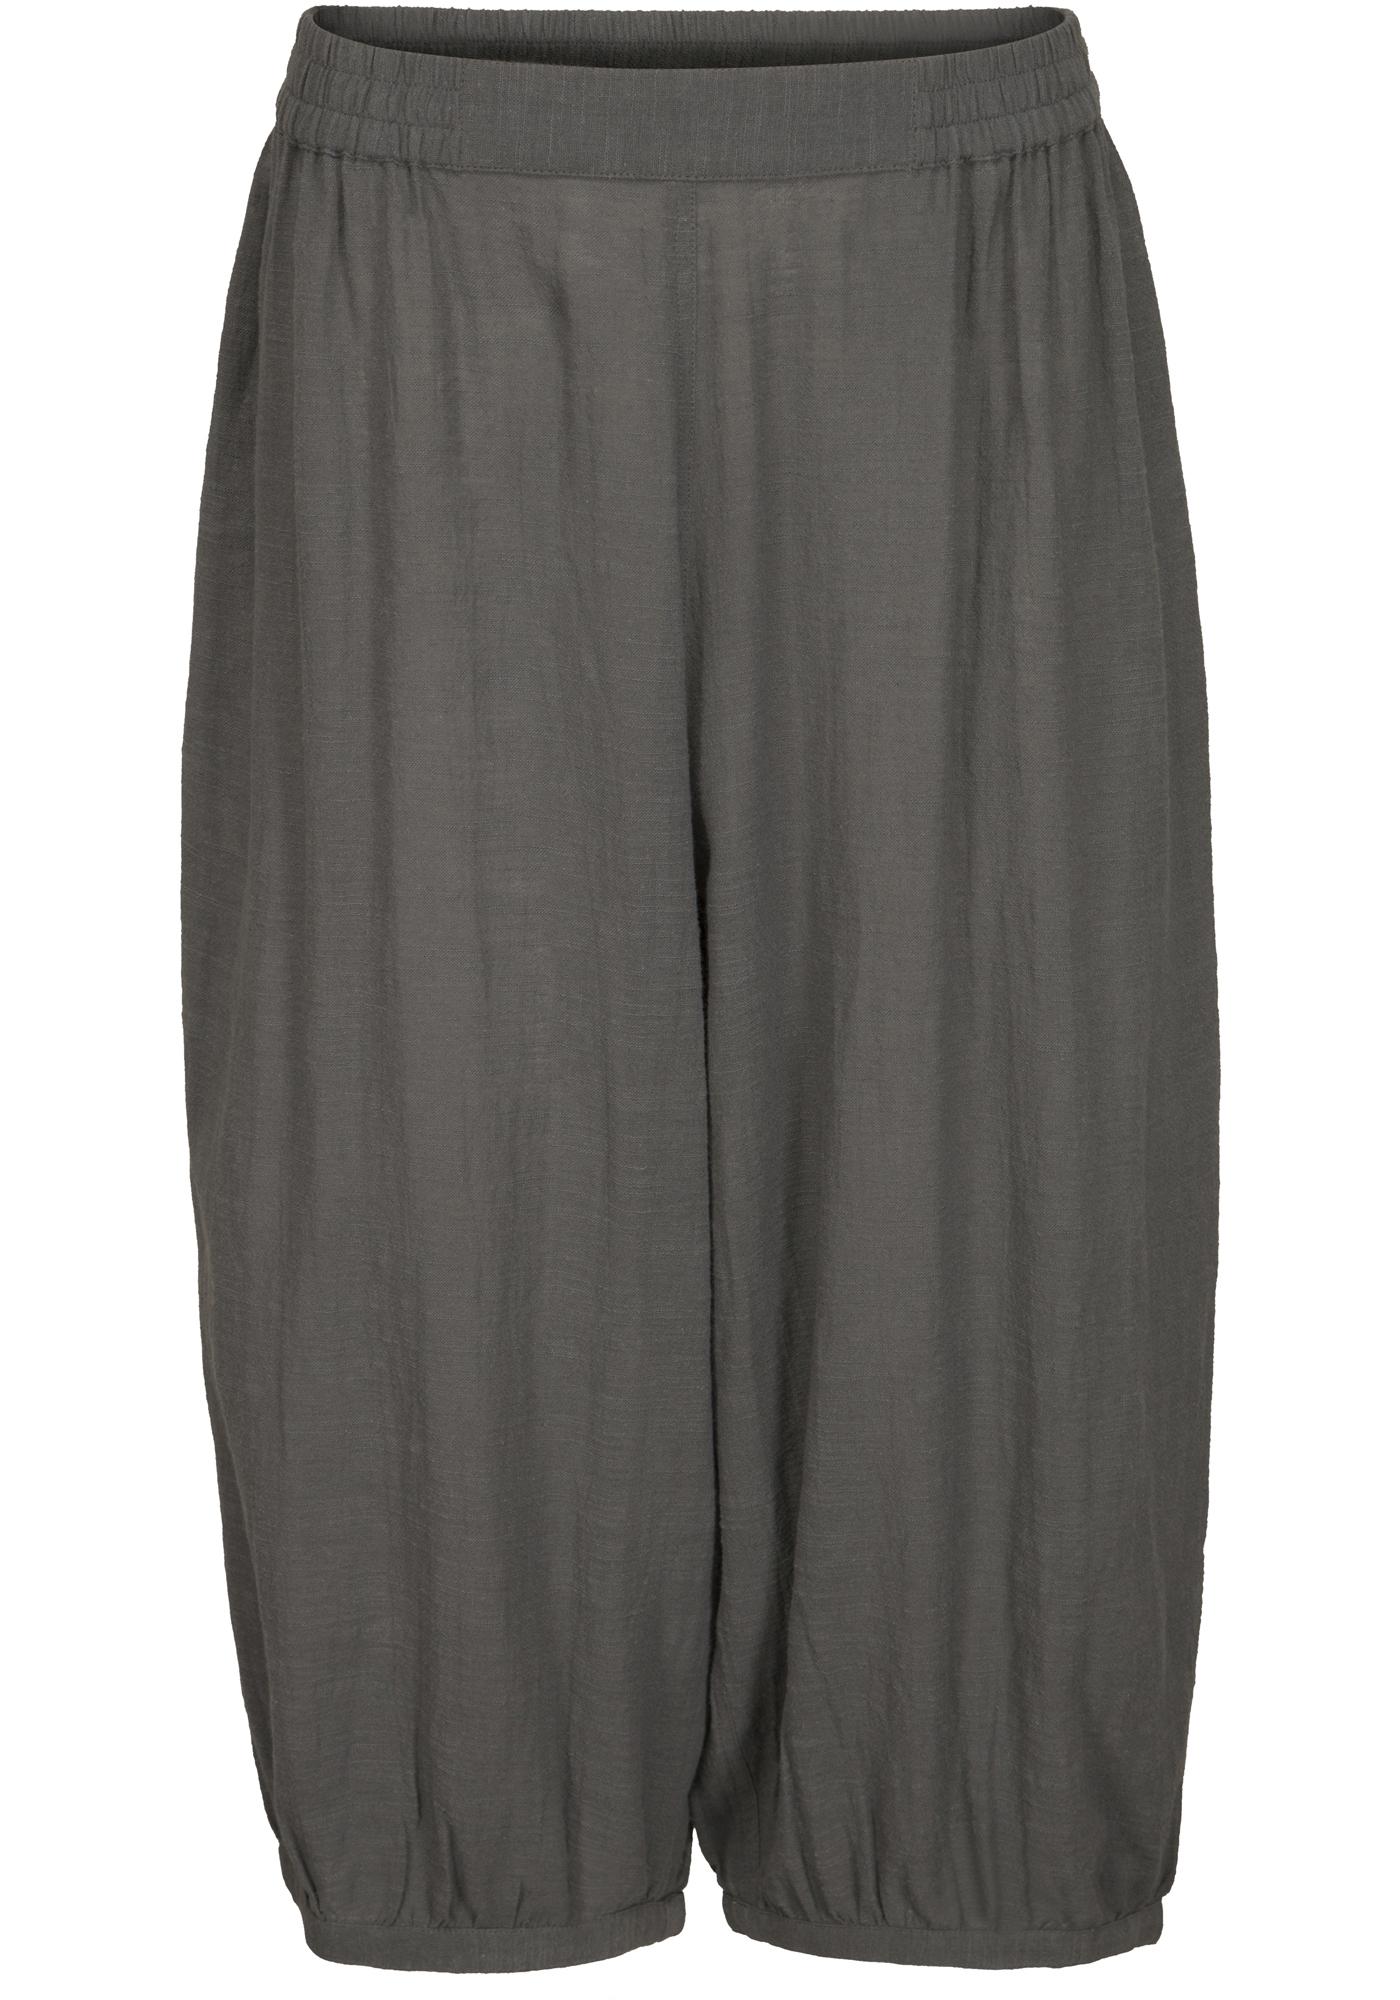 Two Danes kläder - Gigi byxor - grå - butikinspirera.se f7f280a3f4f10